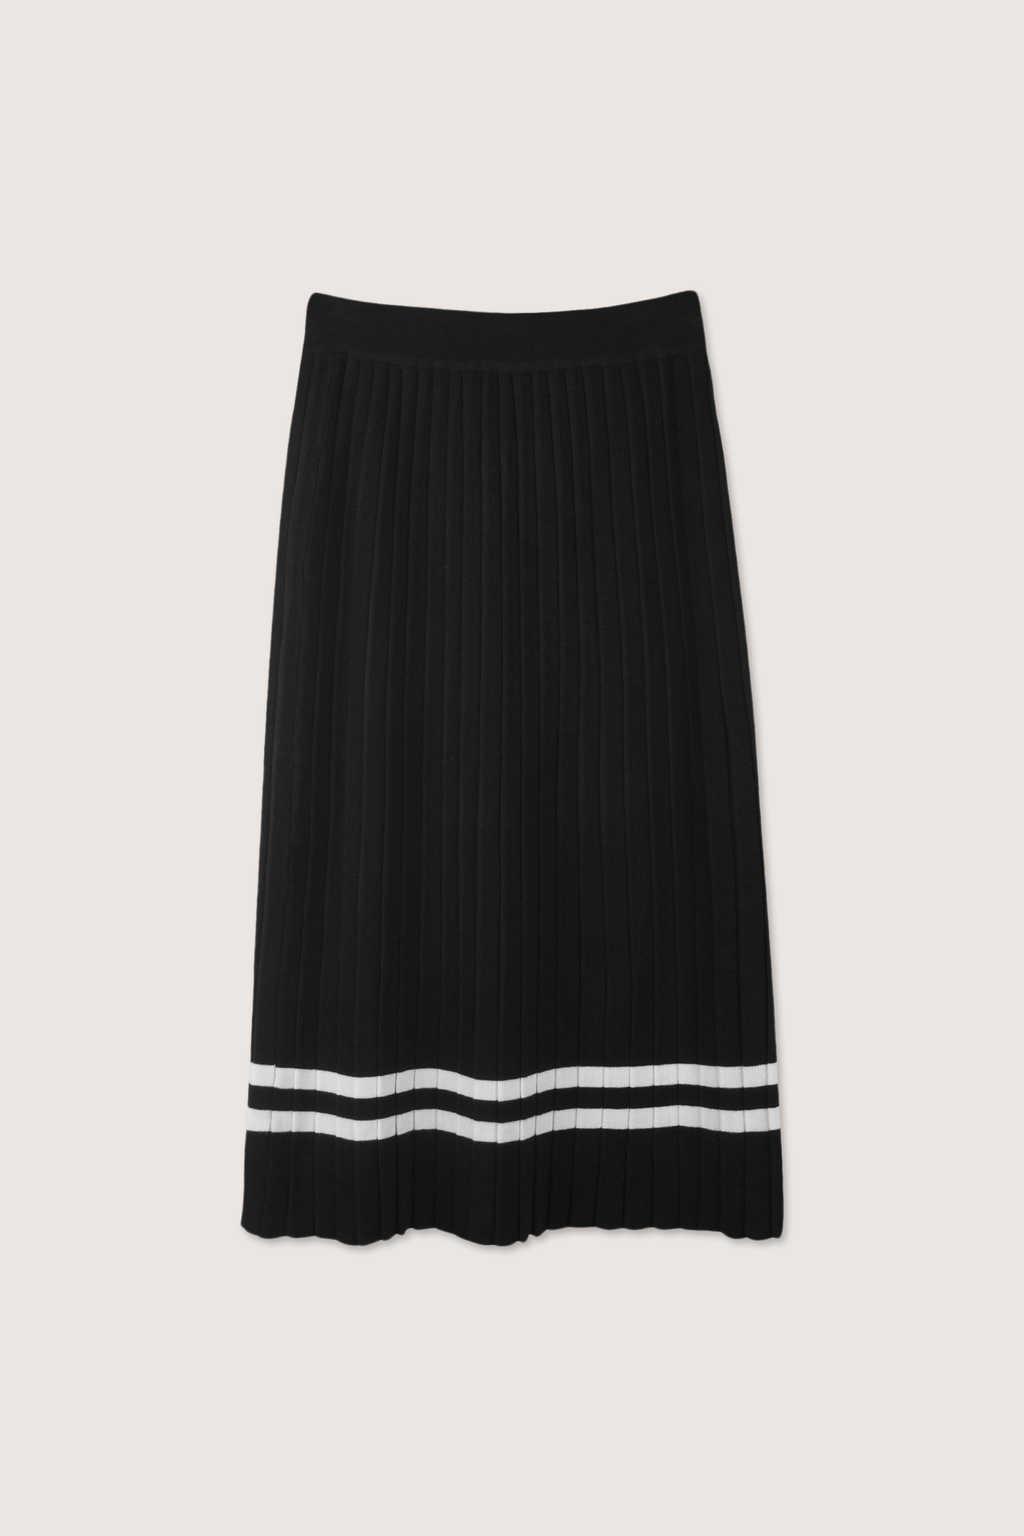 Skirt H164 Black 5